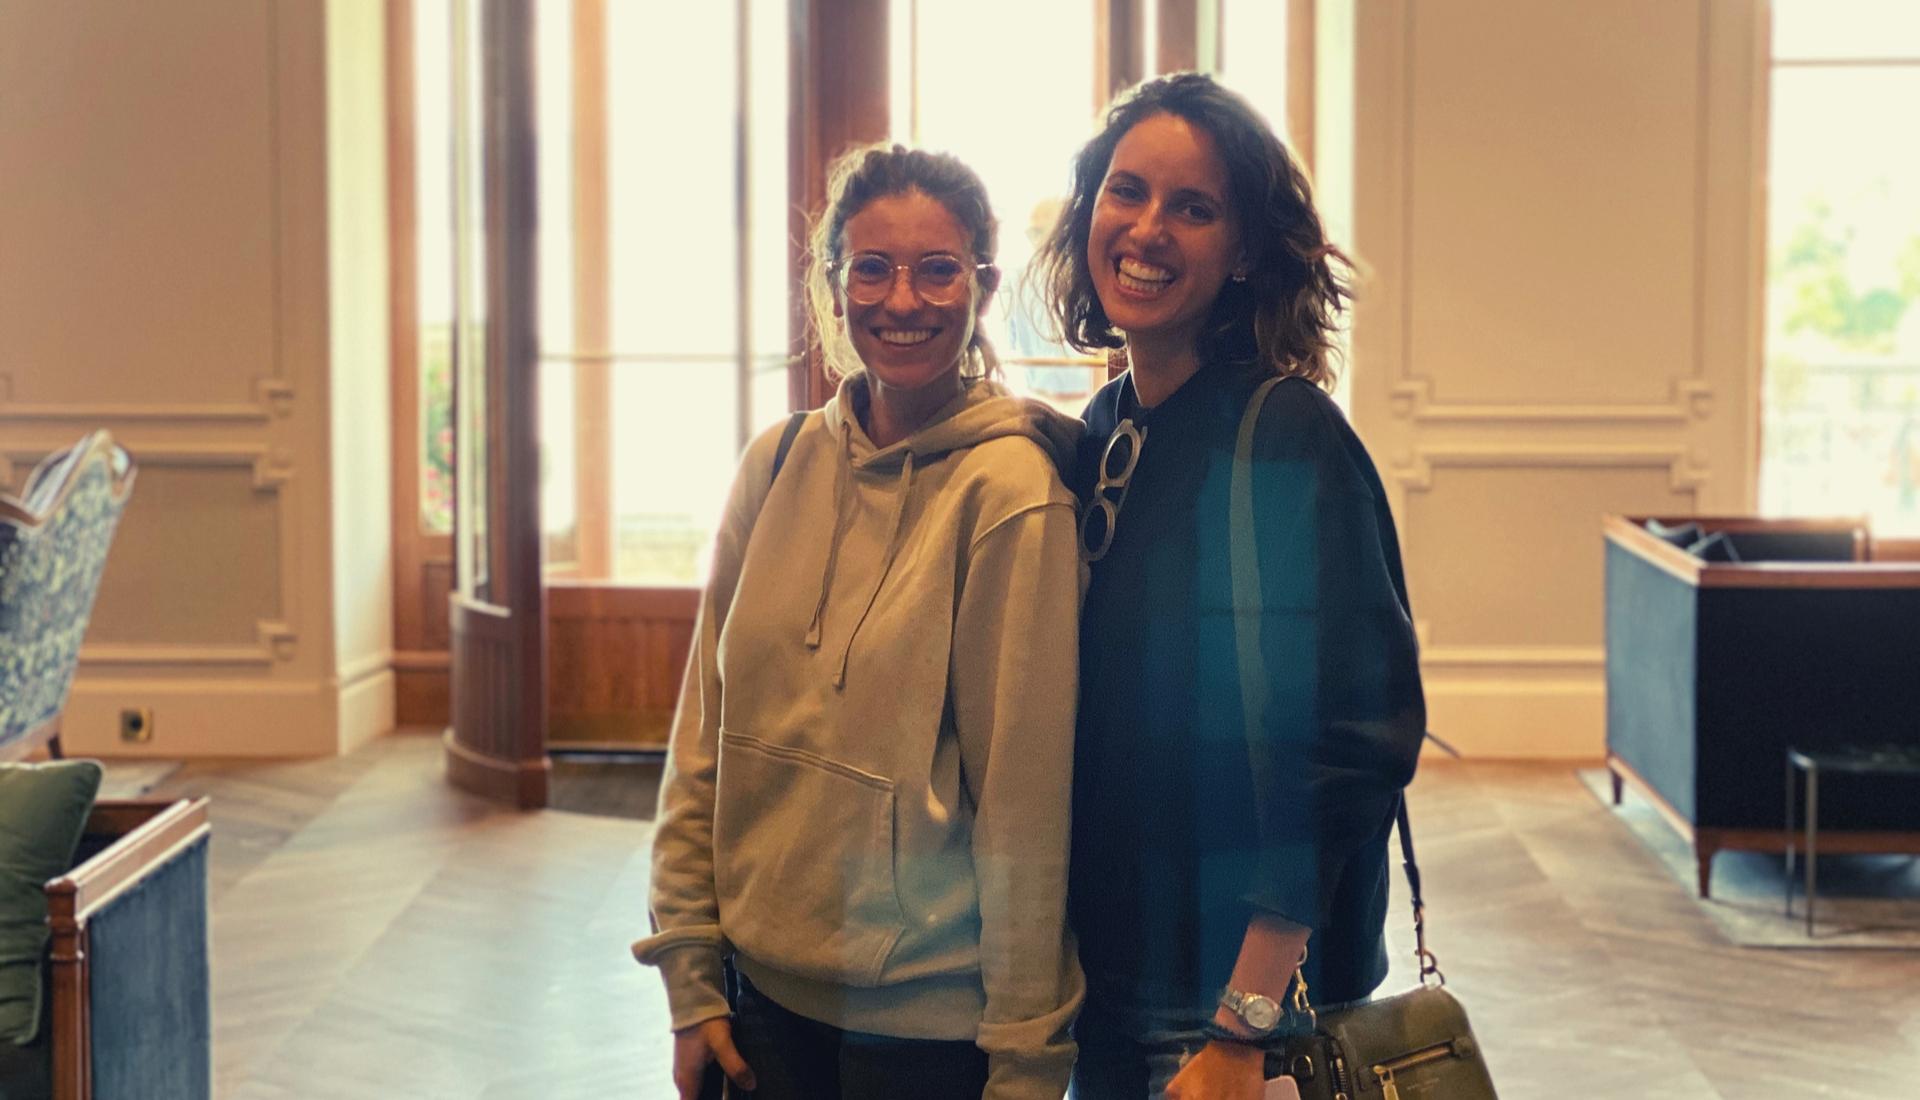 Nous faisons la différence - Nomads est née de la passion commune de ses deux co-fondatrices, Isabelle + Victoria, pour l'univers automobile.Amies depuis plus de 15 ans, chacune a exploré des voies différentes pour finalement se retrouver et créer ensemble une aventure à l'image de leurs personnalités : humaine et fun.